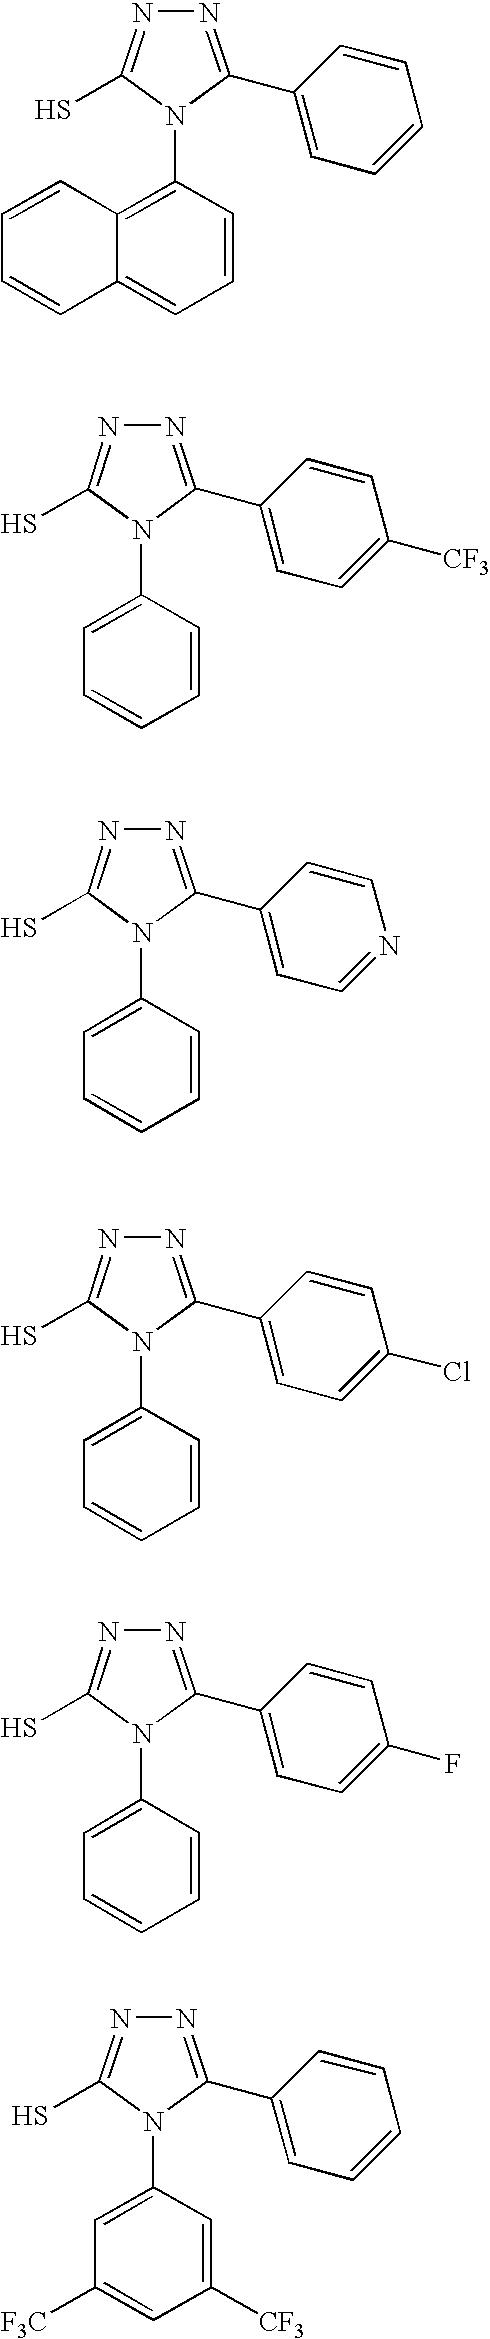 Figure US20070212641A1-20070913-C00178